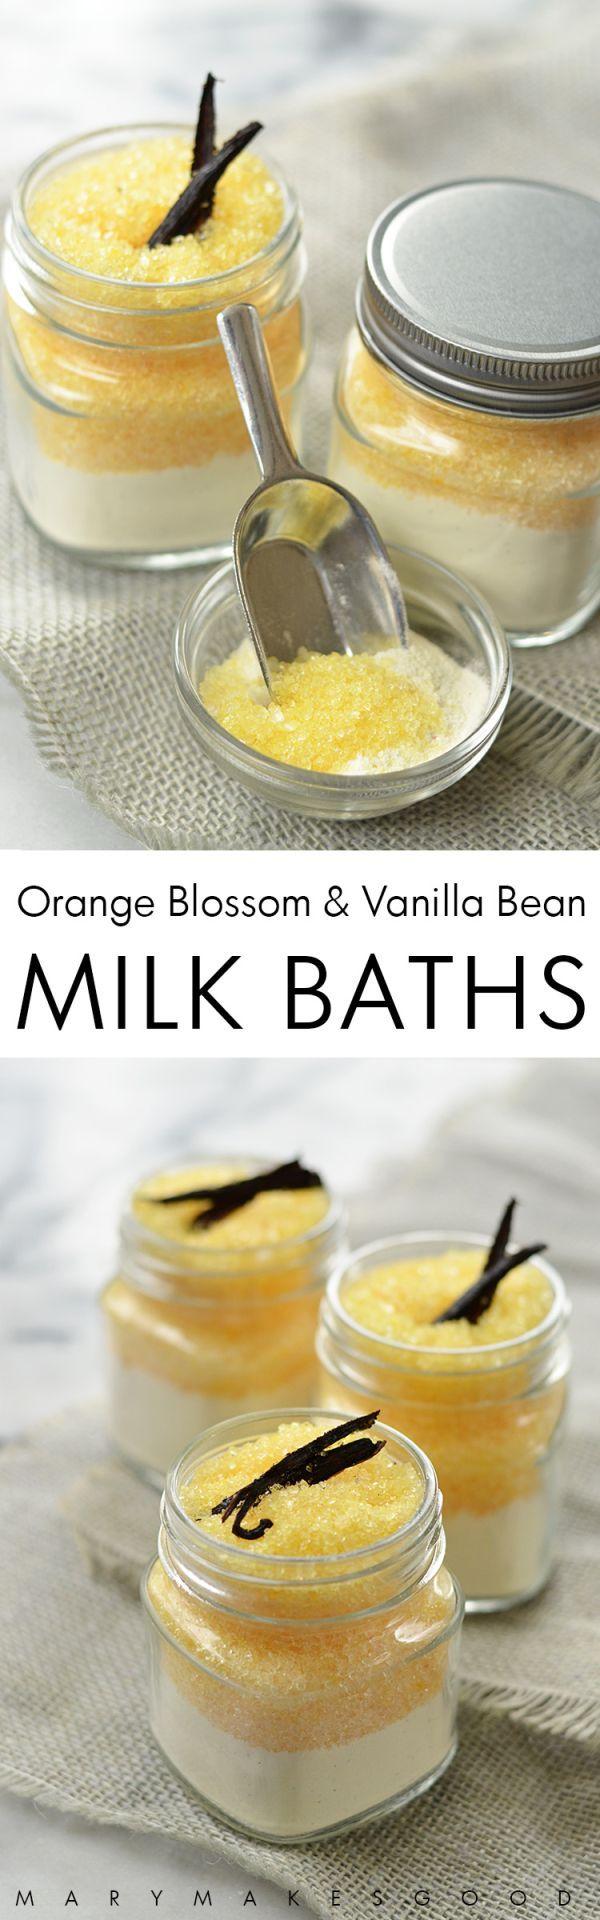 orange blossom & vanilla bean milk baths | milk bath, orange